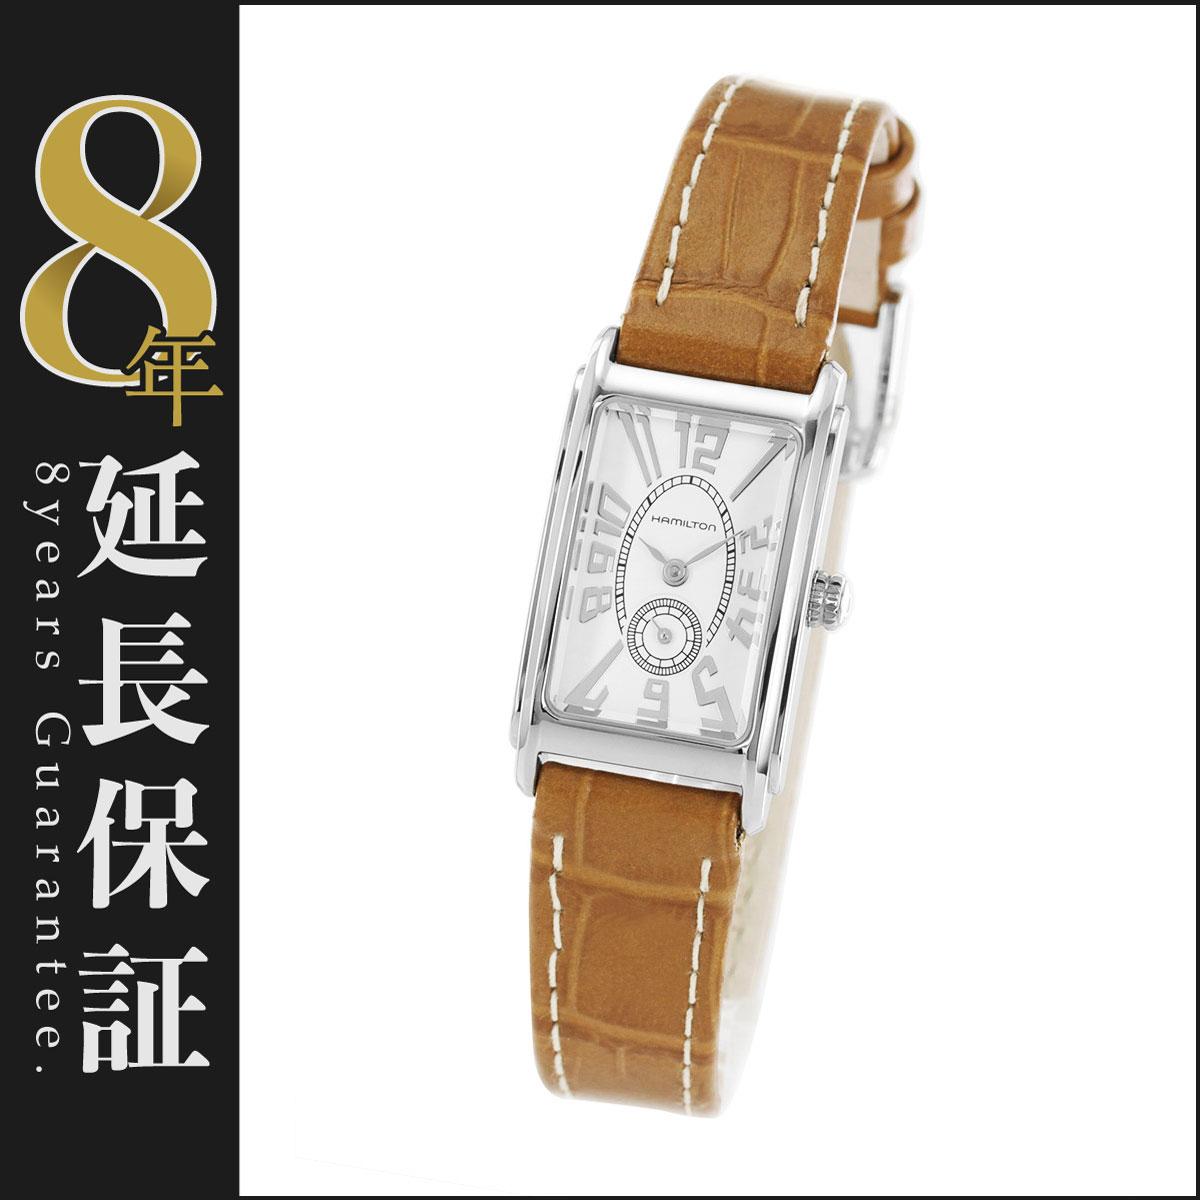 ハミルトン HAMILTON 腕時計 アードモア レディース H11211553_8